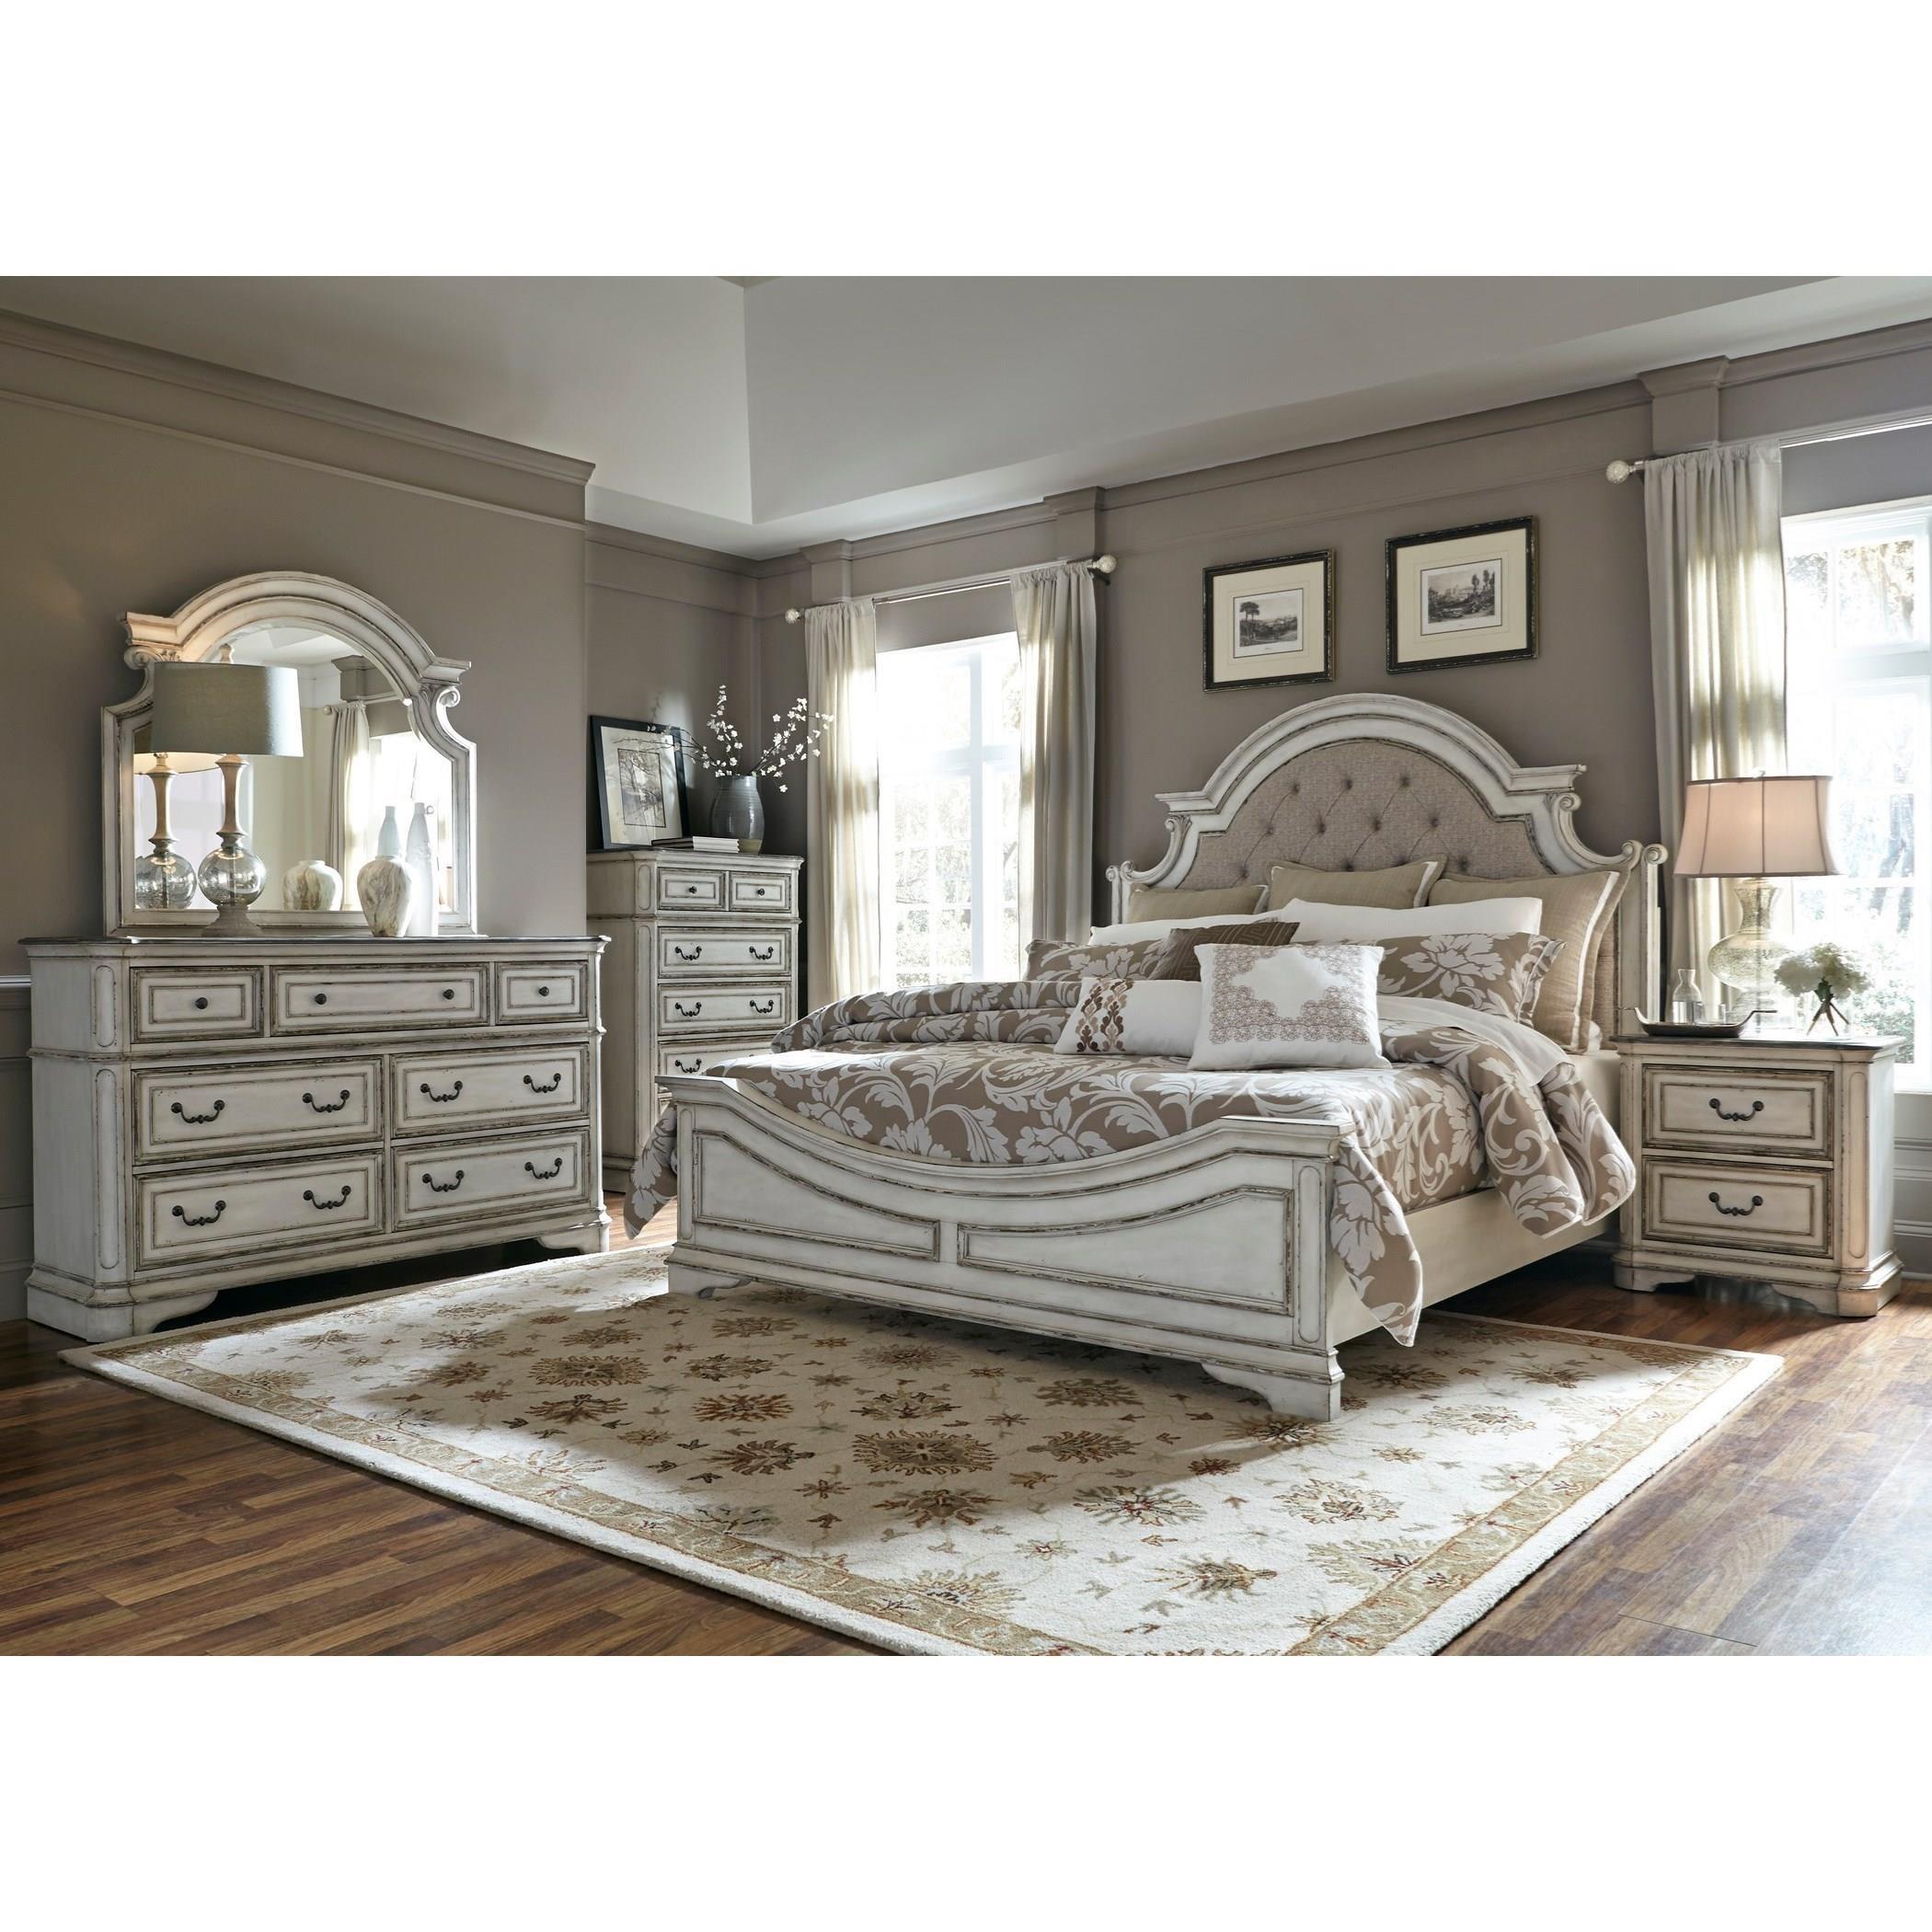 Queen Upholstered Bed, Dresser, Mirror & Nig